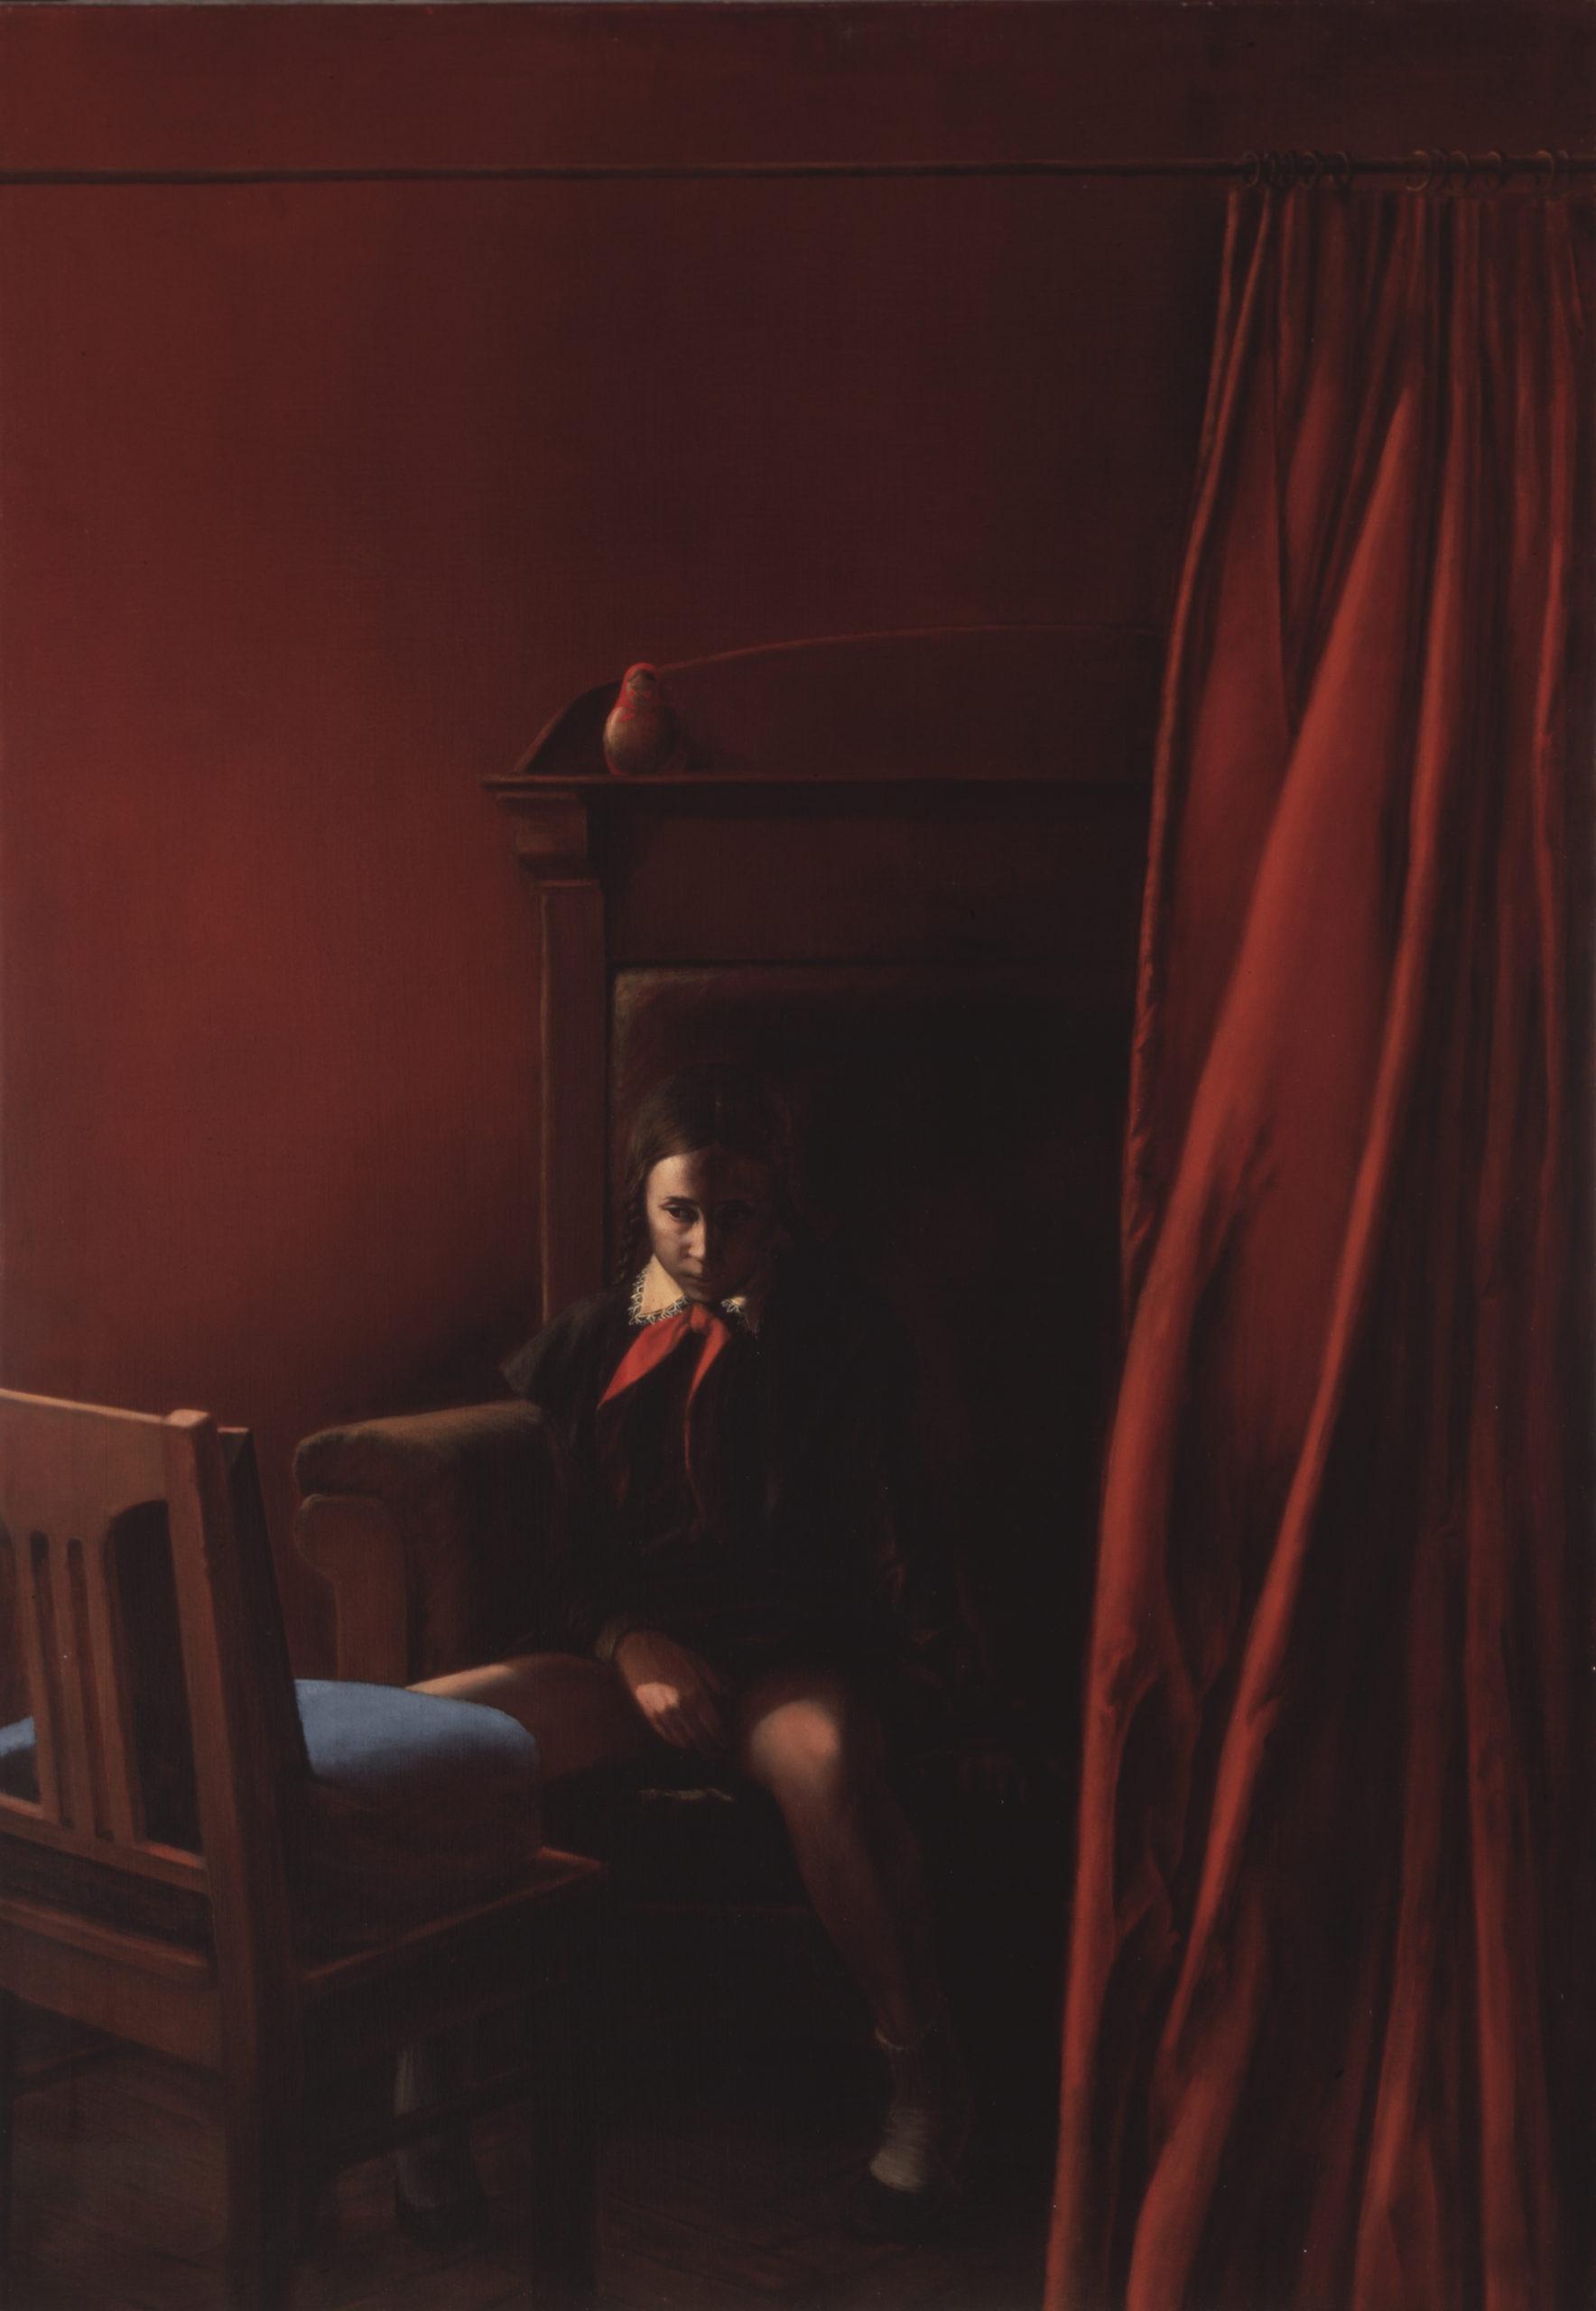 В. Комар, А. Меламид. «Девушка перед зеркалом» из серии «Ностальгический соцреализм». 1981−1983